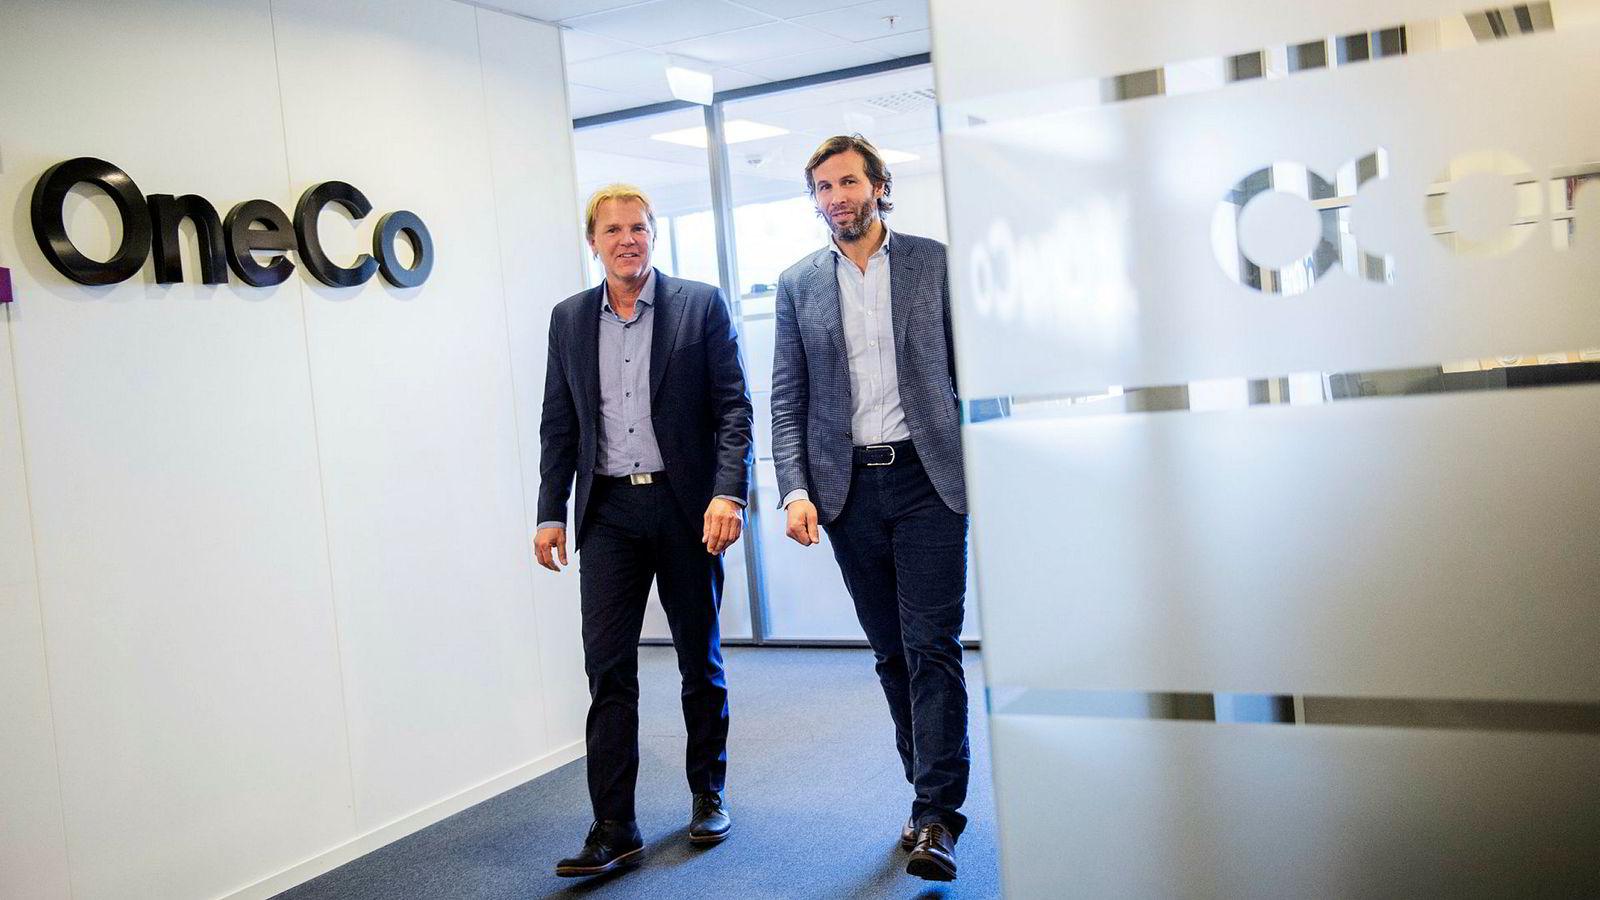 – Vekstmålet allerede er mer enn nådd med dette oppkjøpet, sier konsernsjef i OneCo, Marvin Jensen (til venstre). Her sammen med styreleder og eier i Aars as, Øivind Schage Førde.